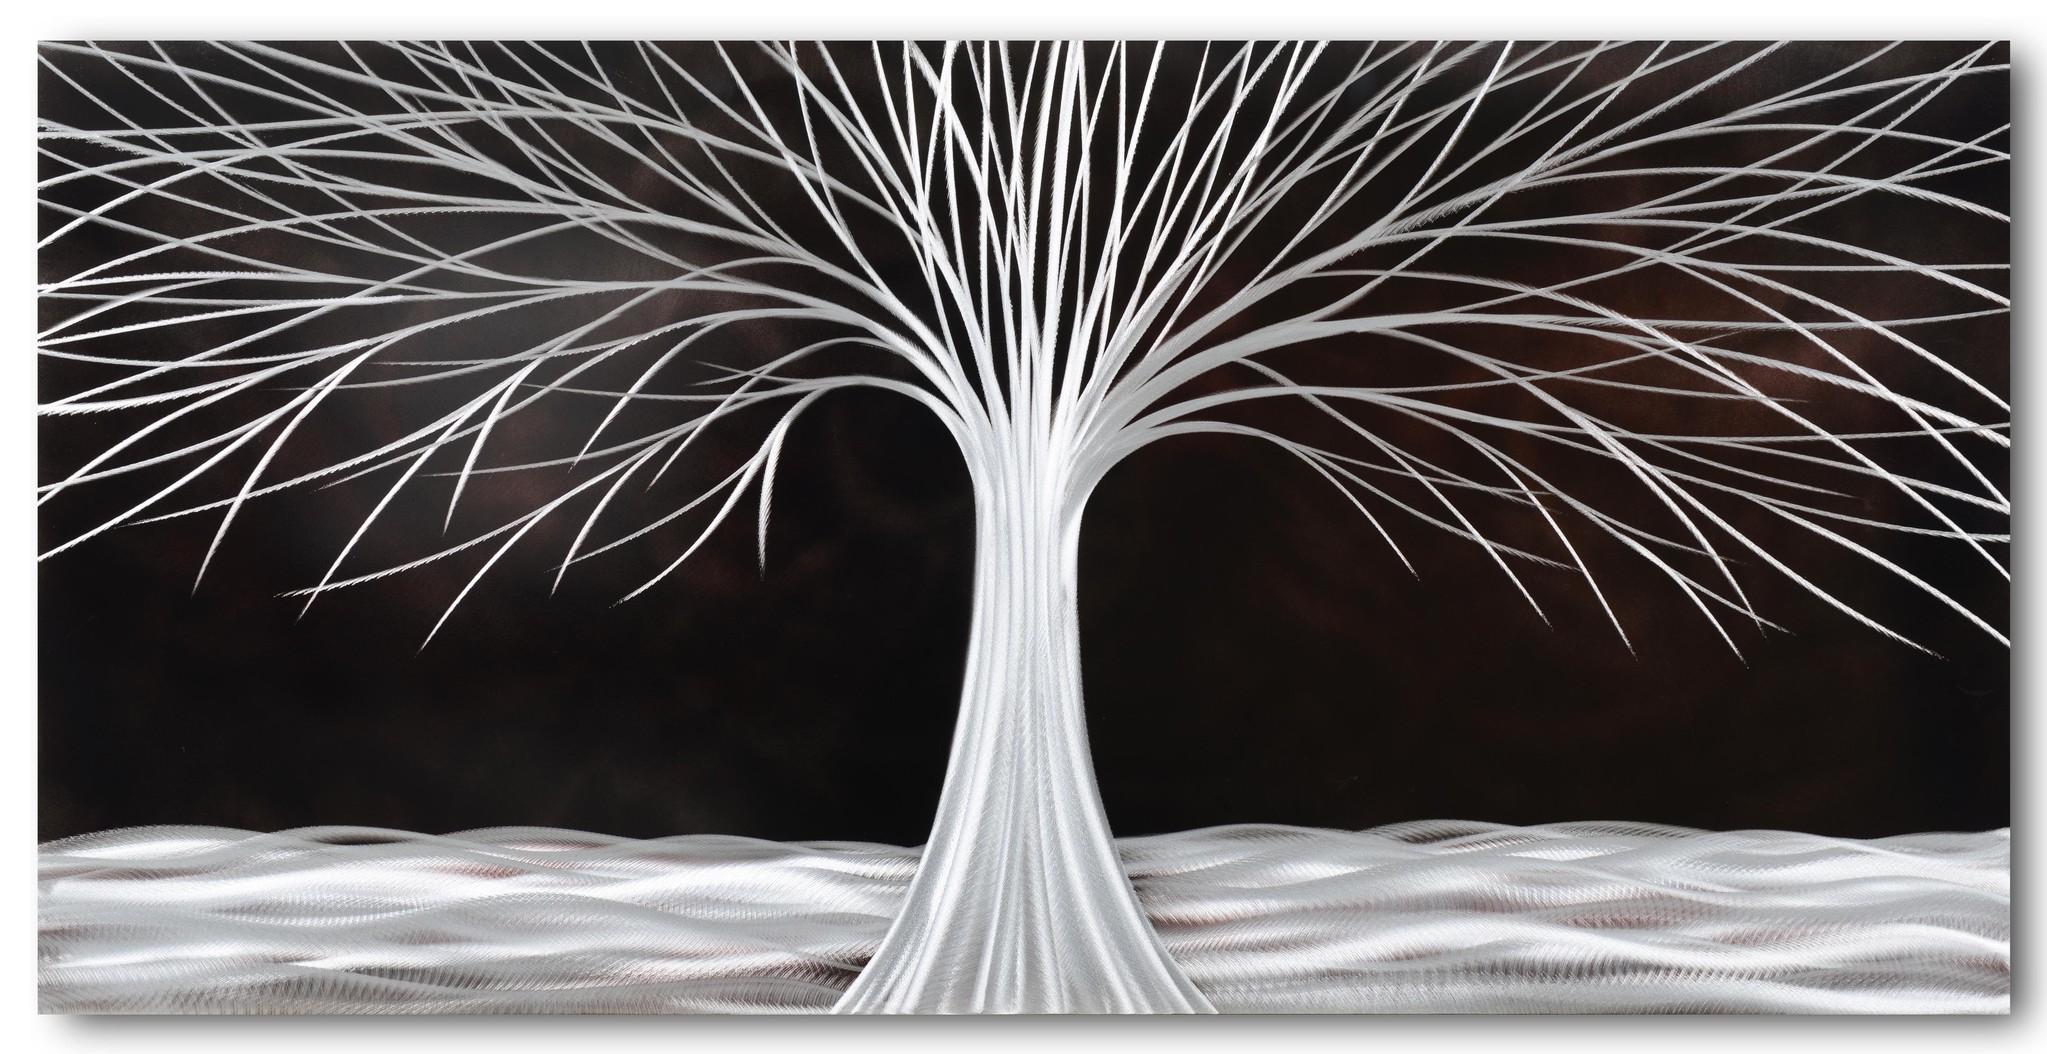 Bemalen Sie Aluminiumbaum in der Nacht 60x120cm